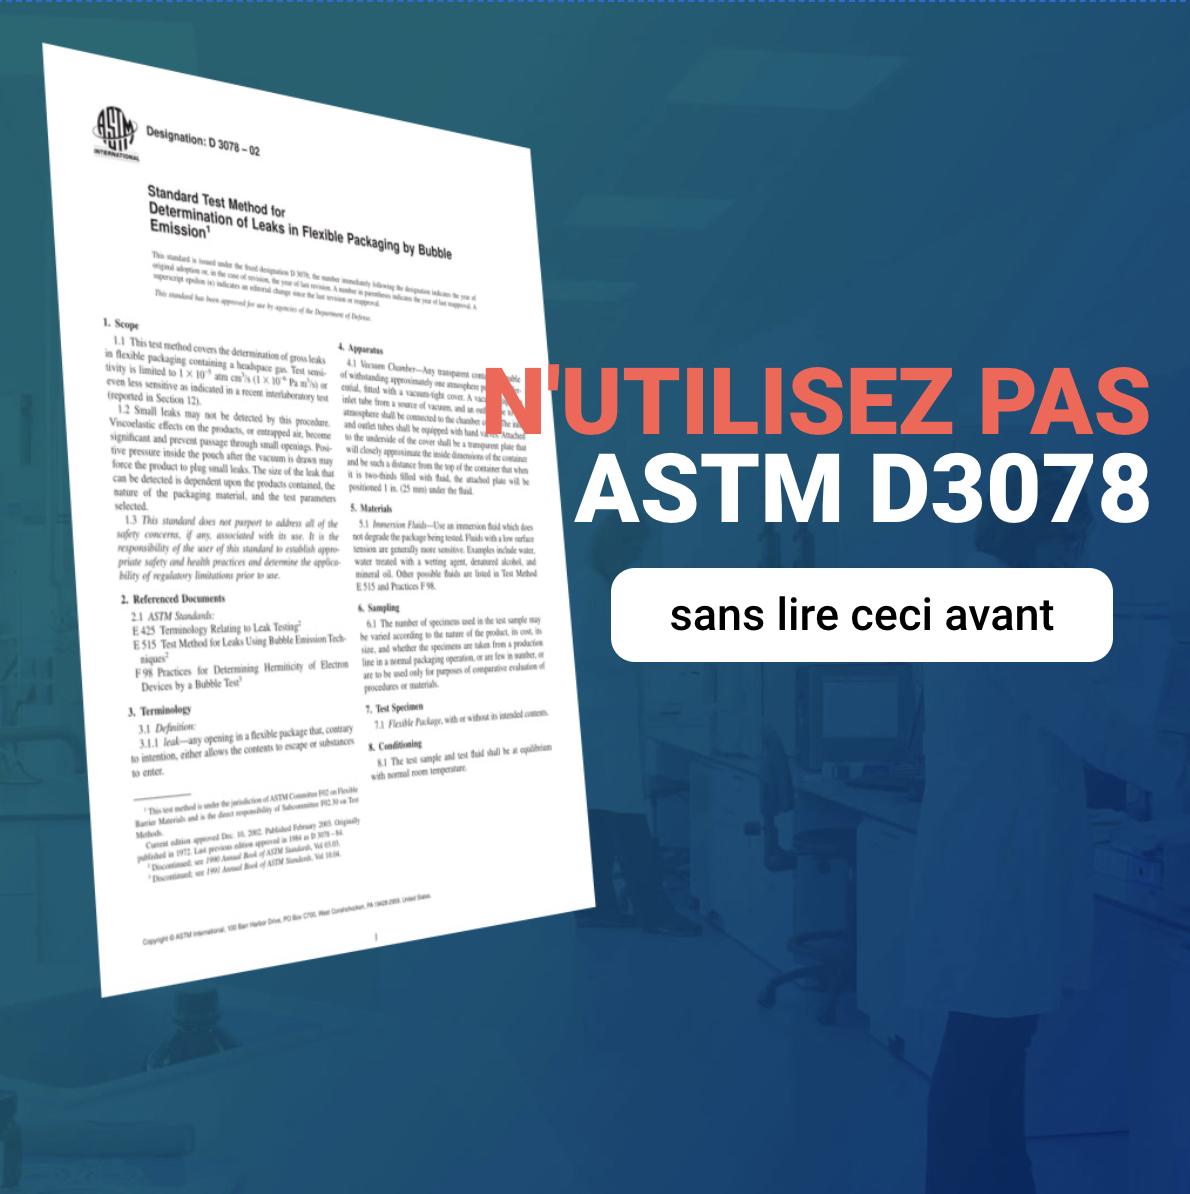 N'utilisez pas ASTM D 3078 sans avoir lu ceci avant